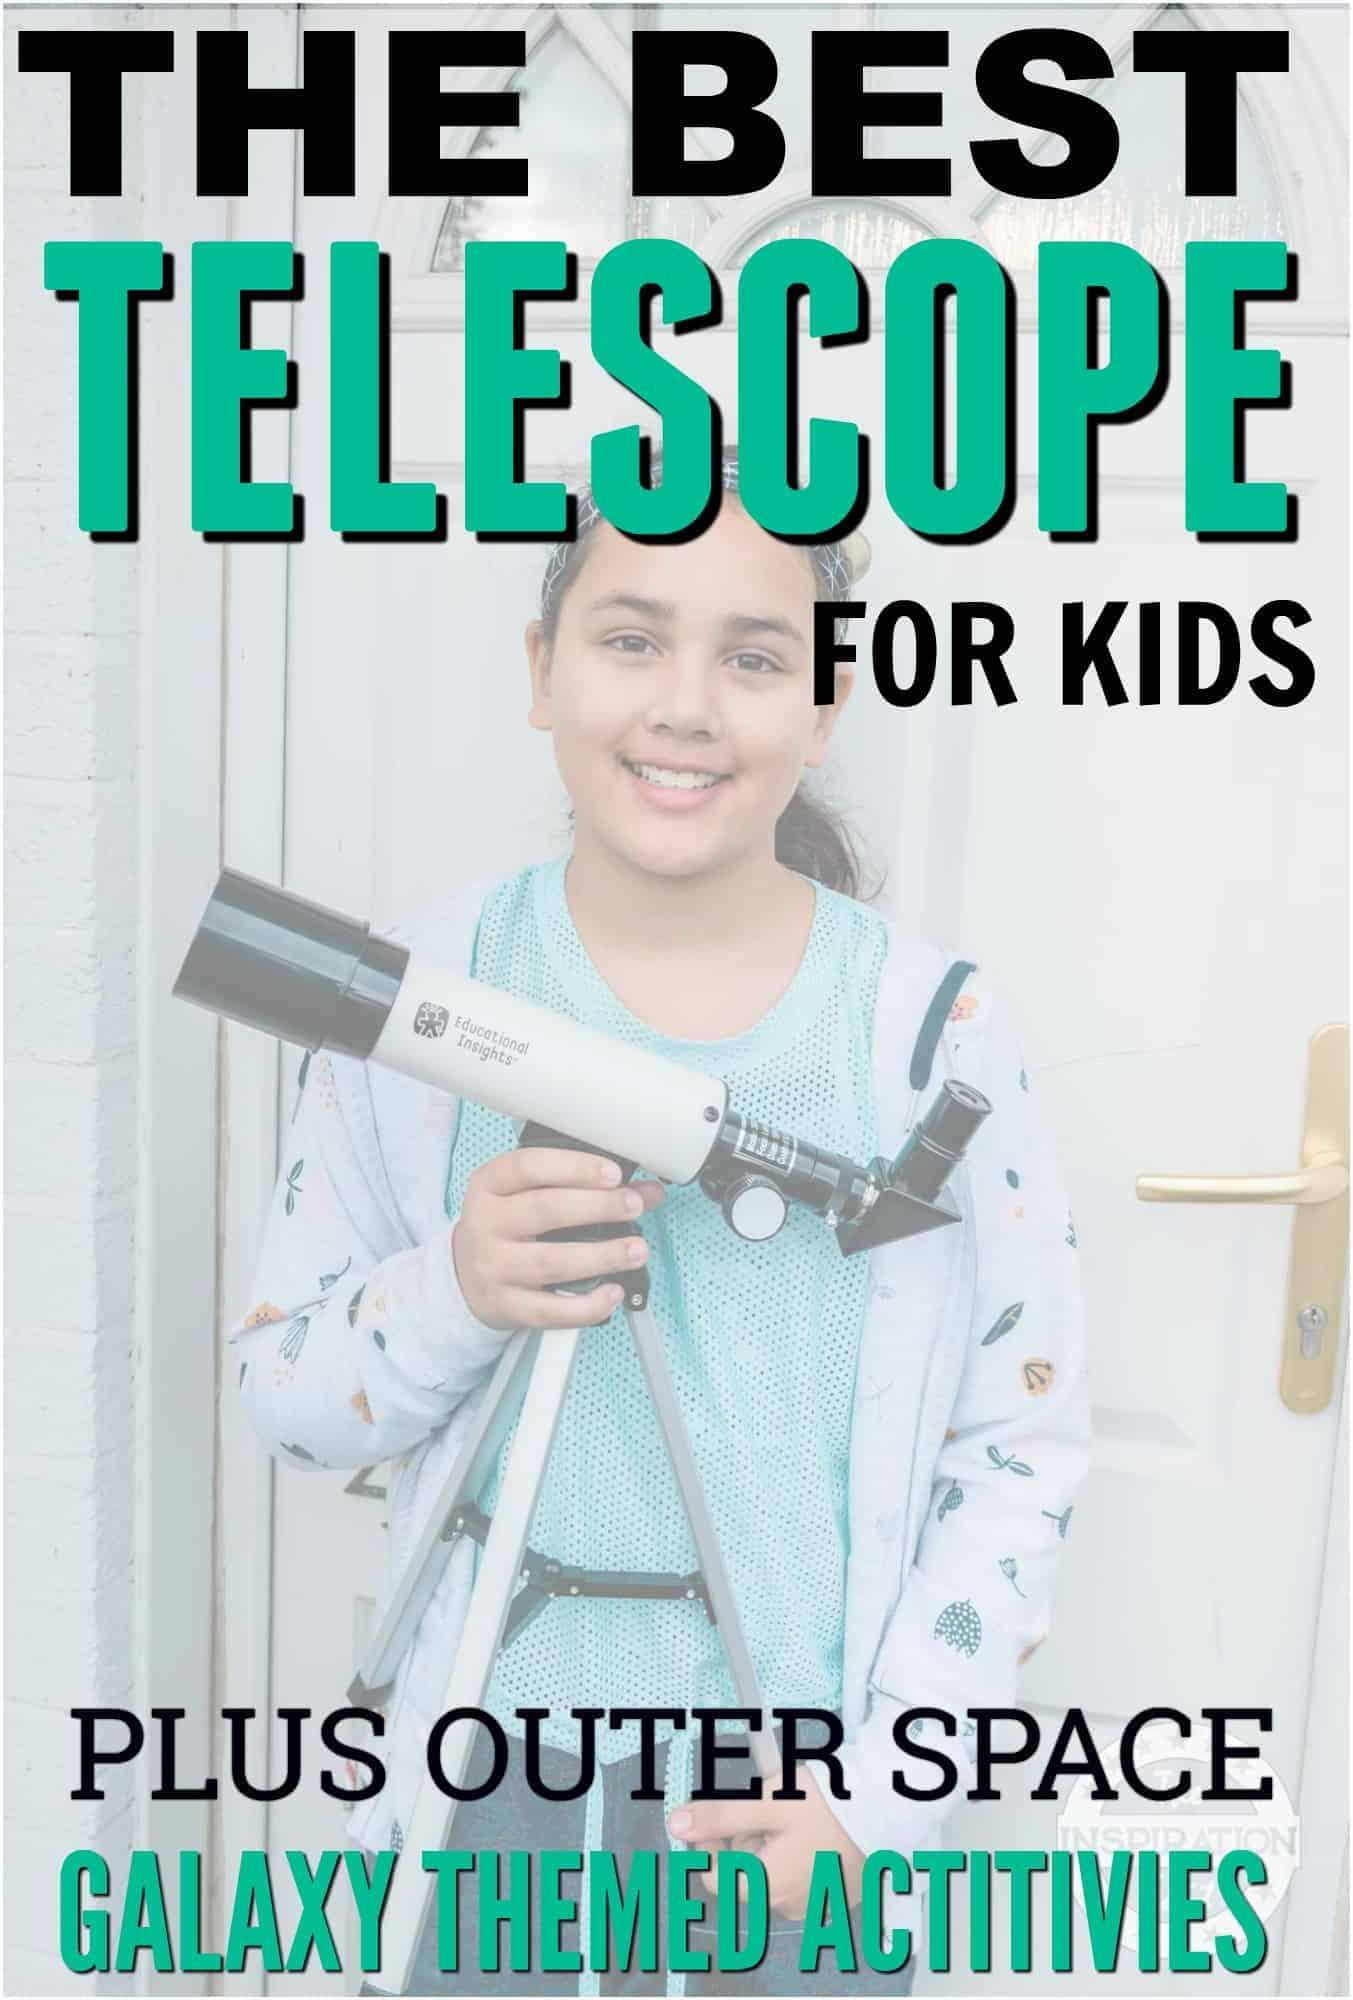 the best telescope for kids